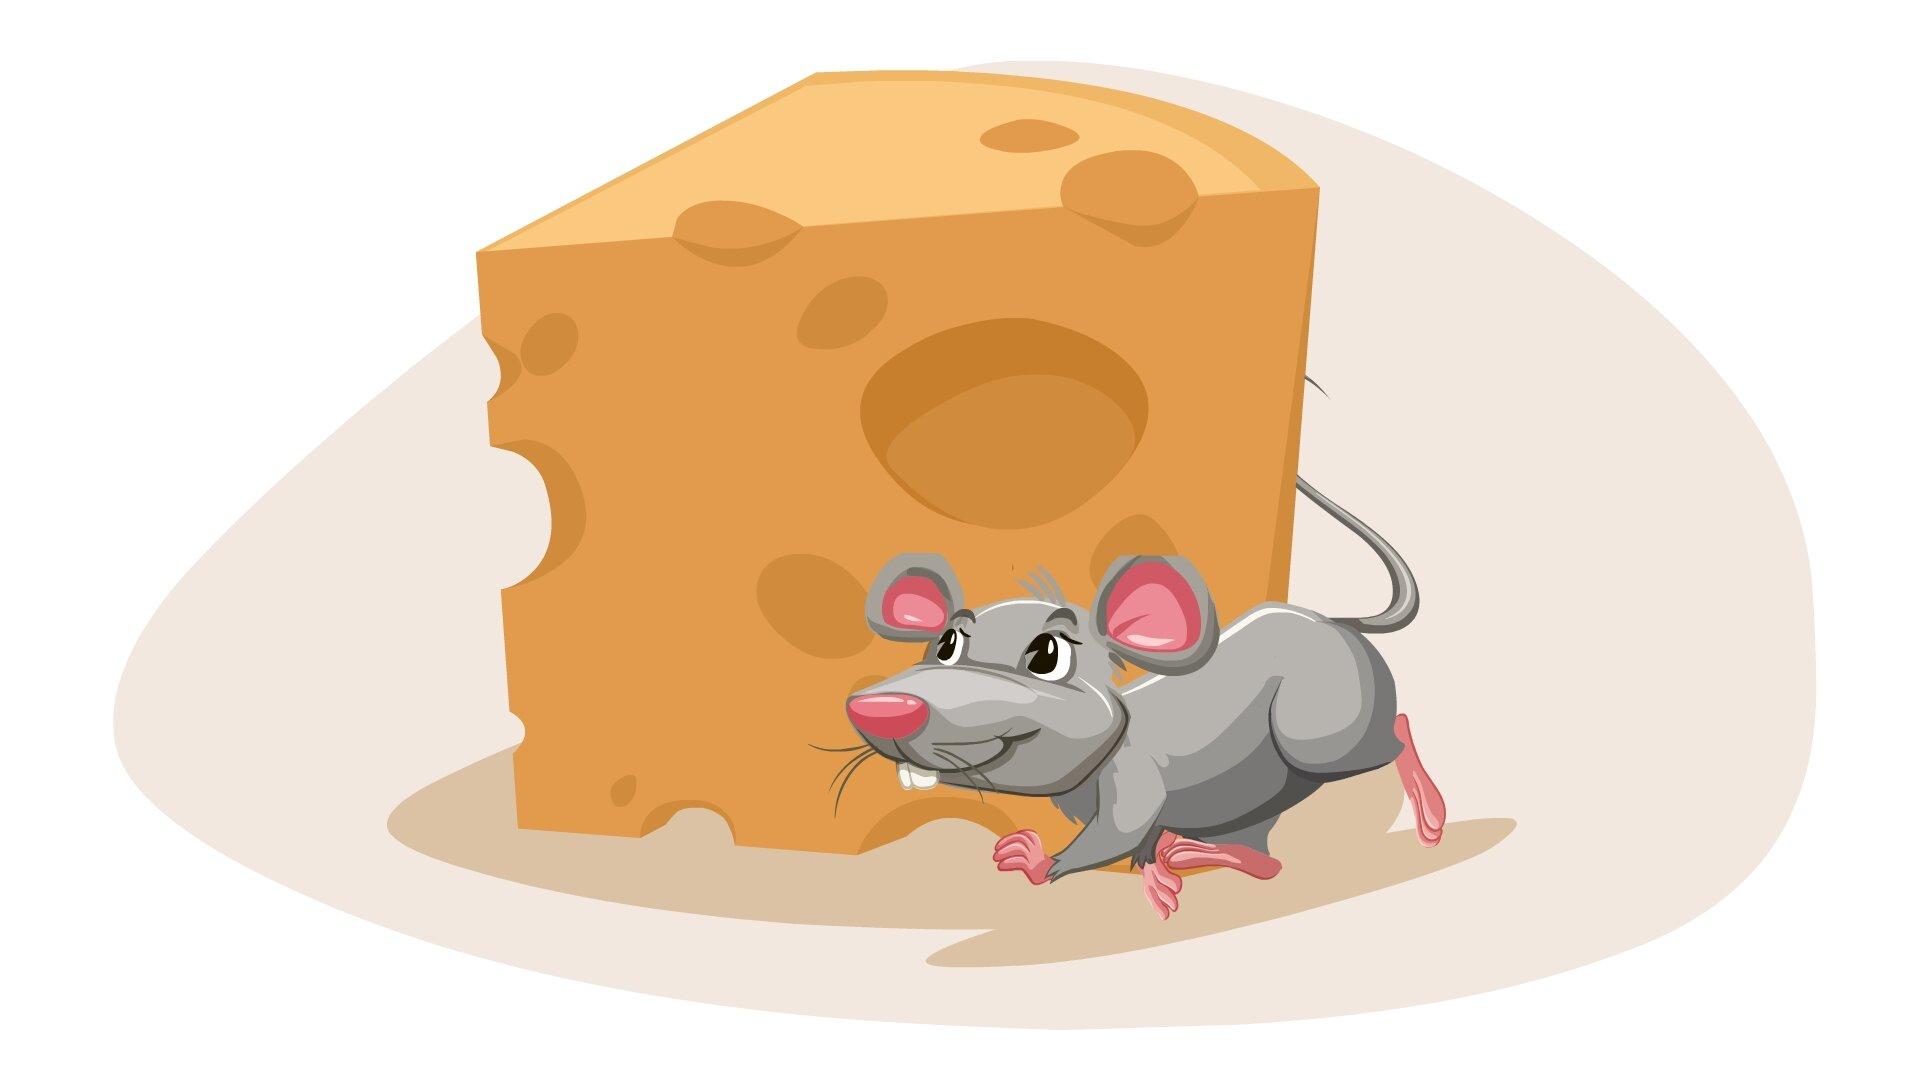 Ilustracja przedstawia mysz idącą przed serem.